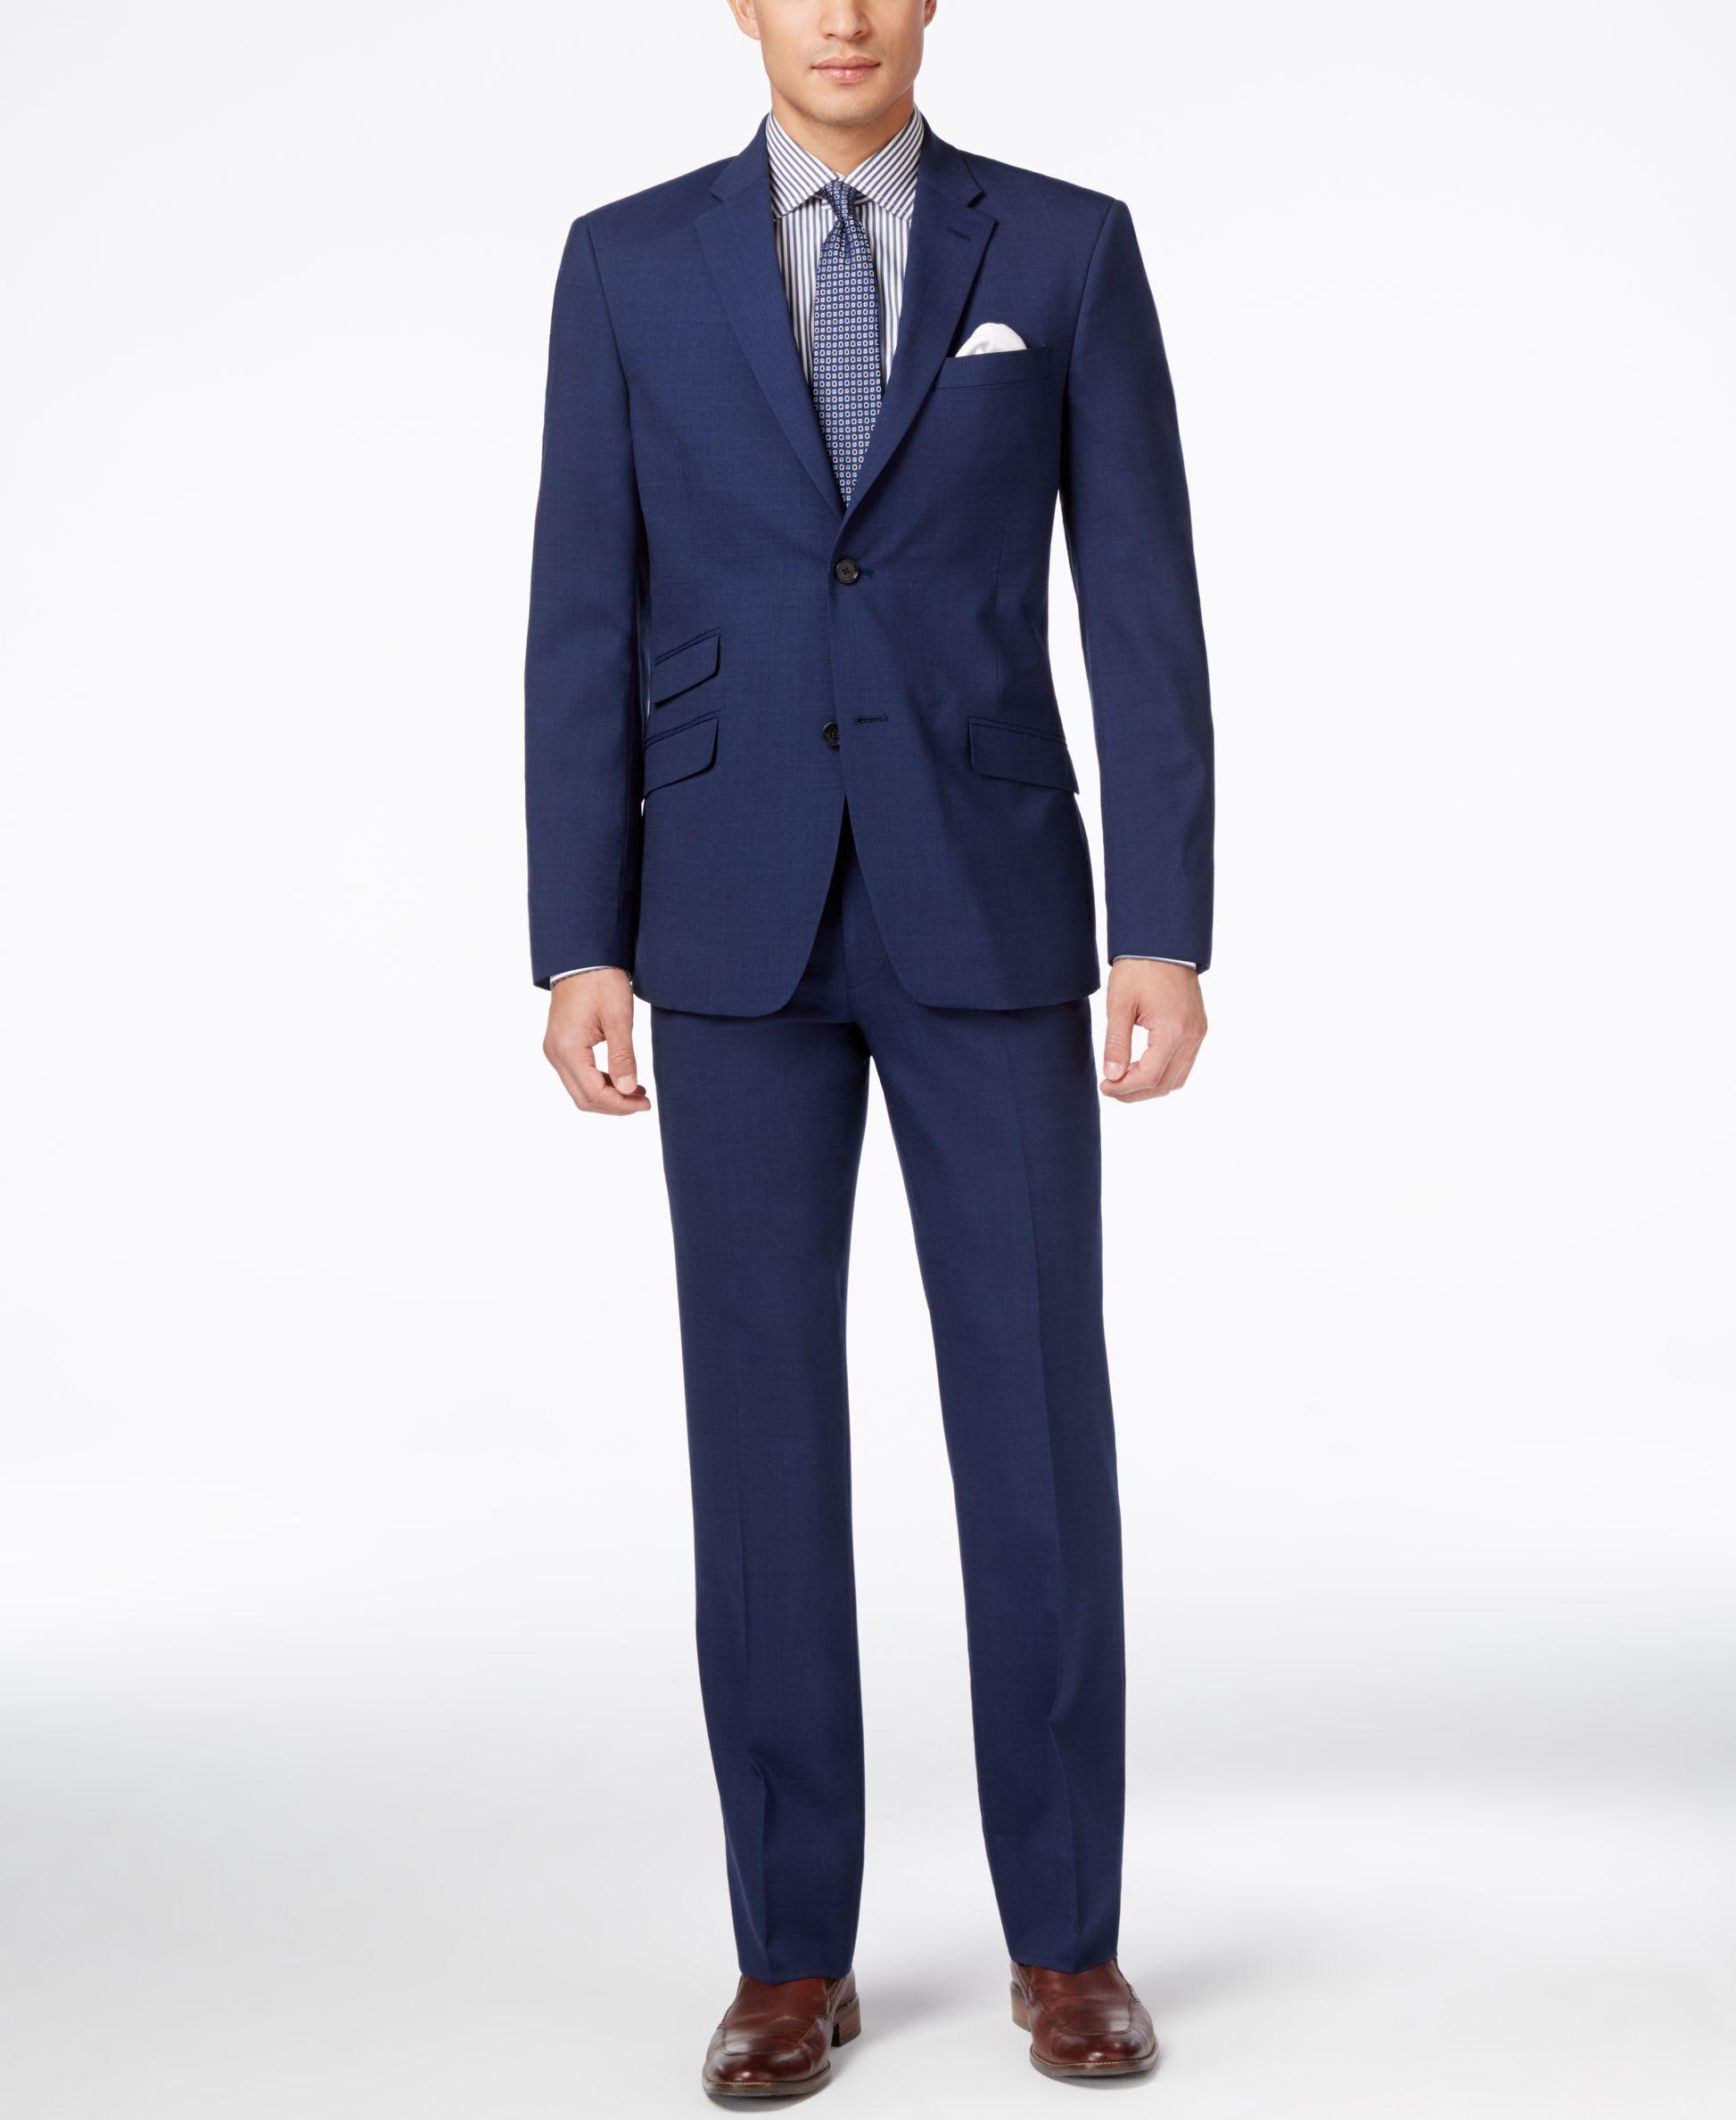 634f8912dc Tommy Hilfiger Men s Blue Stretch Slim-Fit Suit Separates